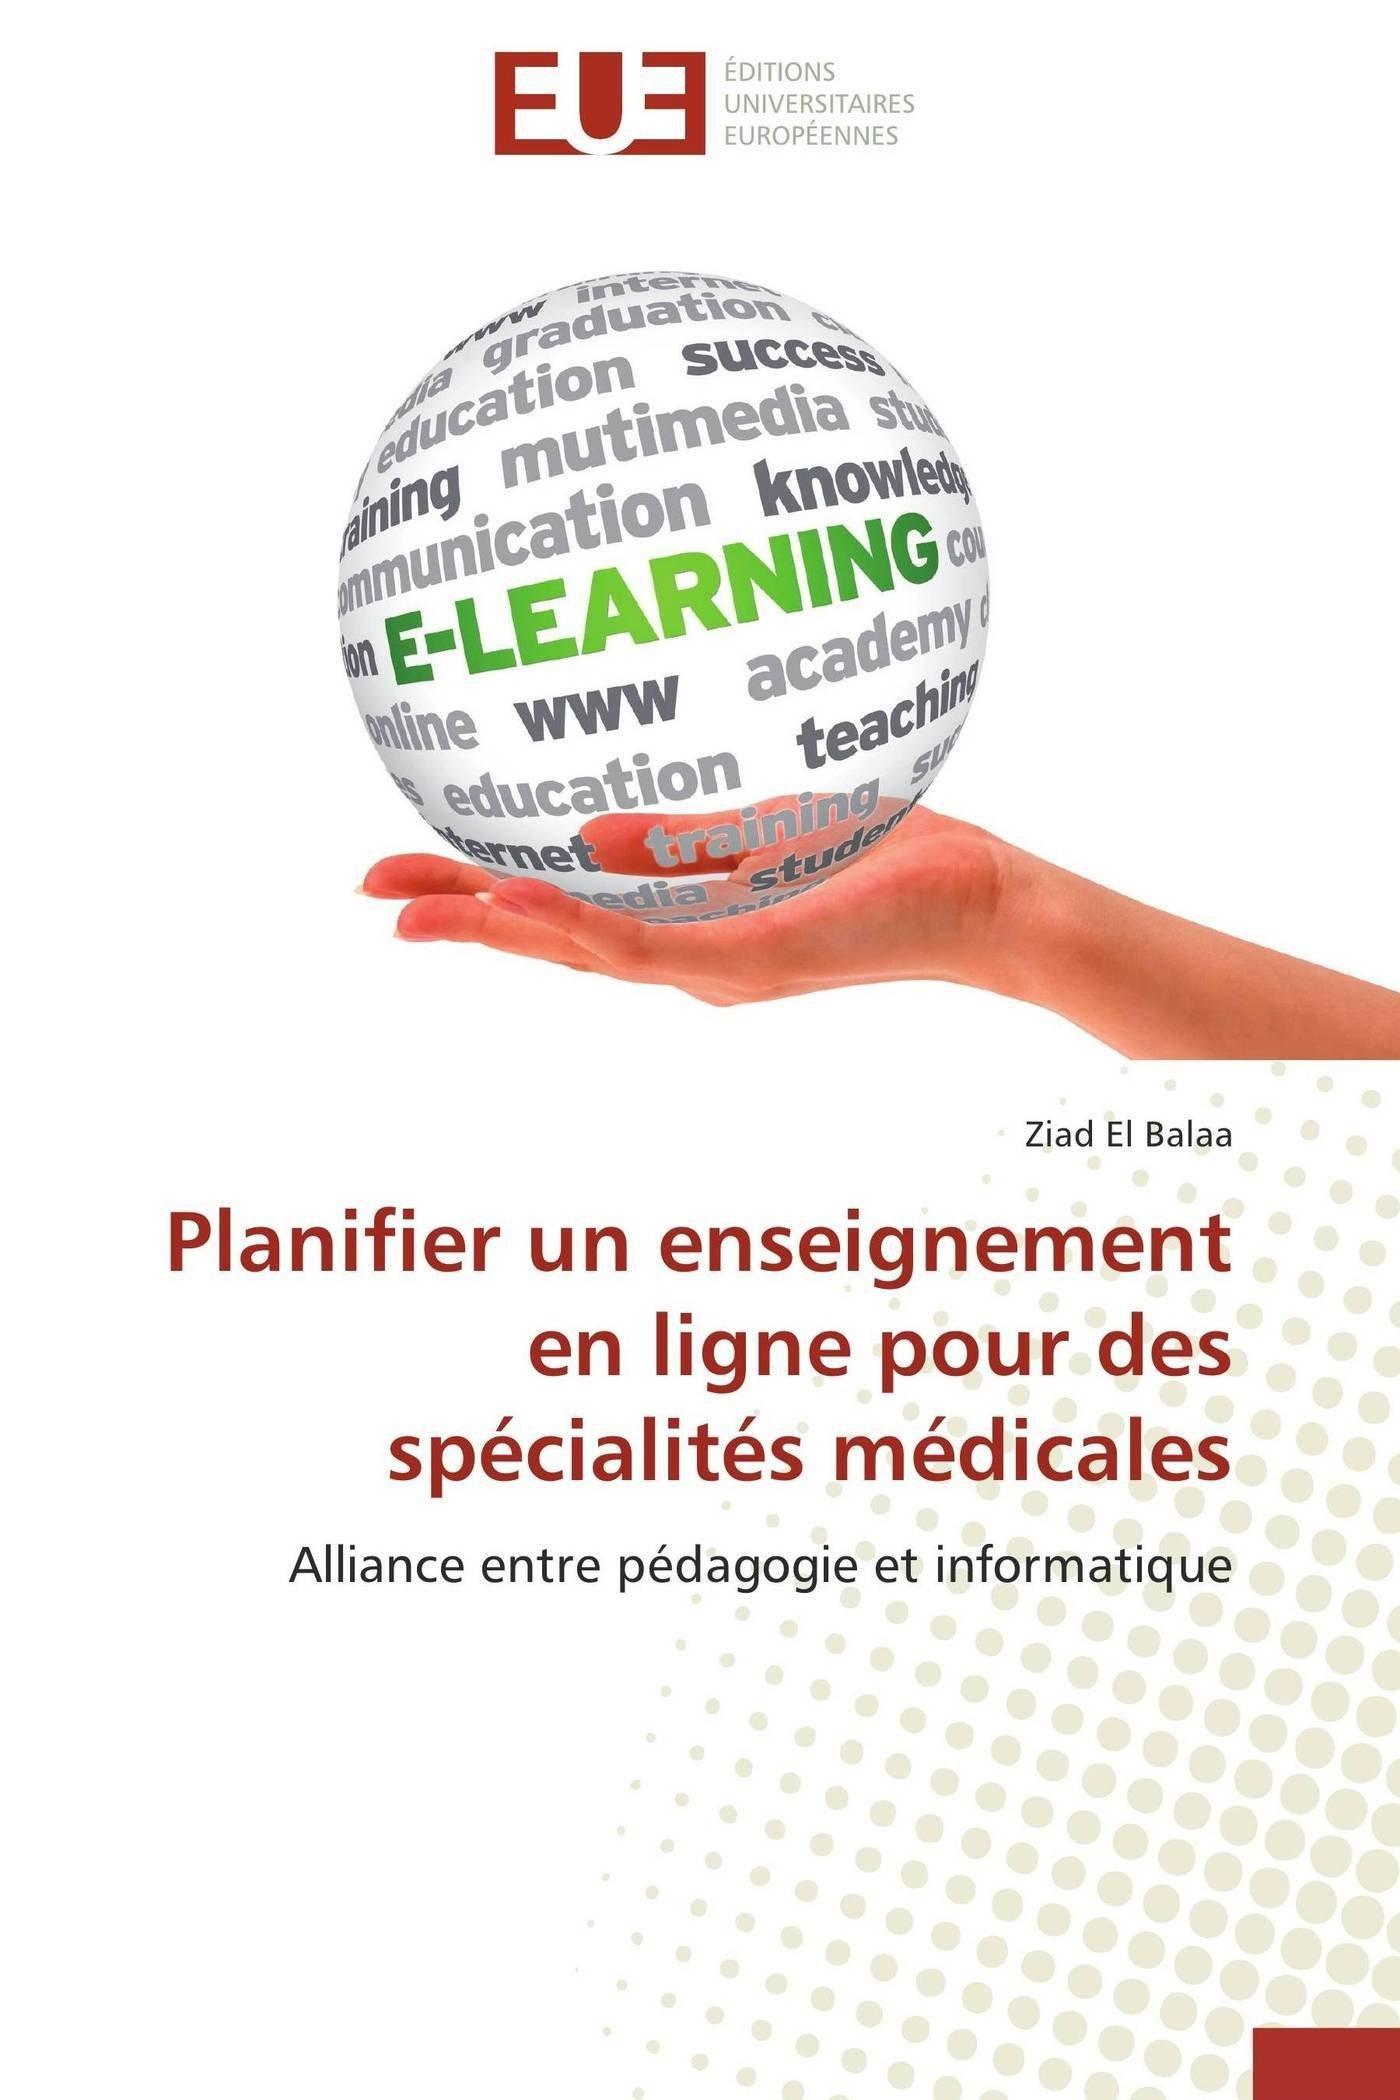 Planifier un enseignement en ligne pour des spécialités médicales: Alliance entre pédagogie et informatique (French Edition) ebook